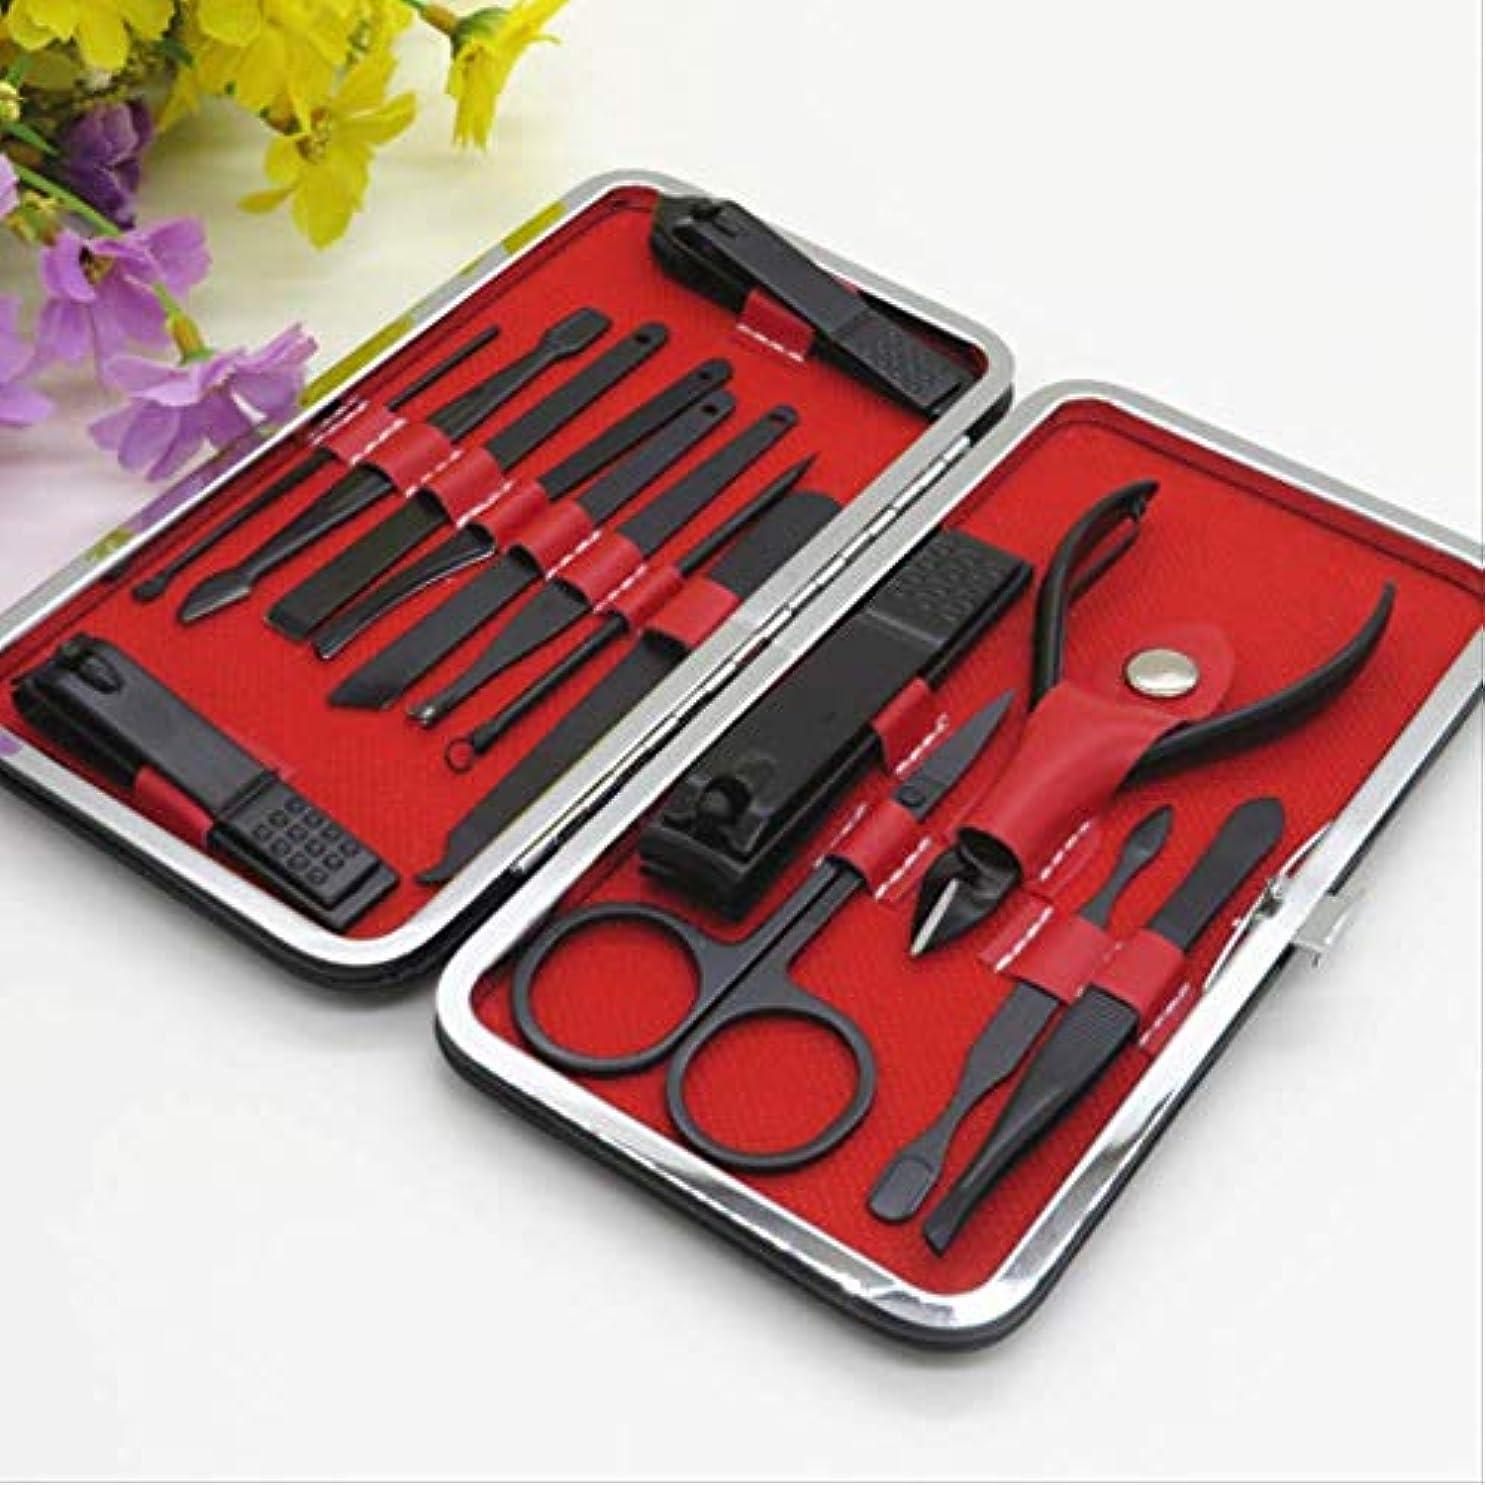 美容師溶融口述爪切りセット16ピースペディキュアナイフ美容プライヤー爪ツール 7197G